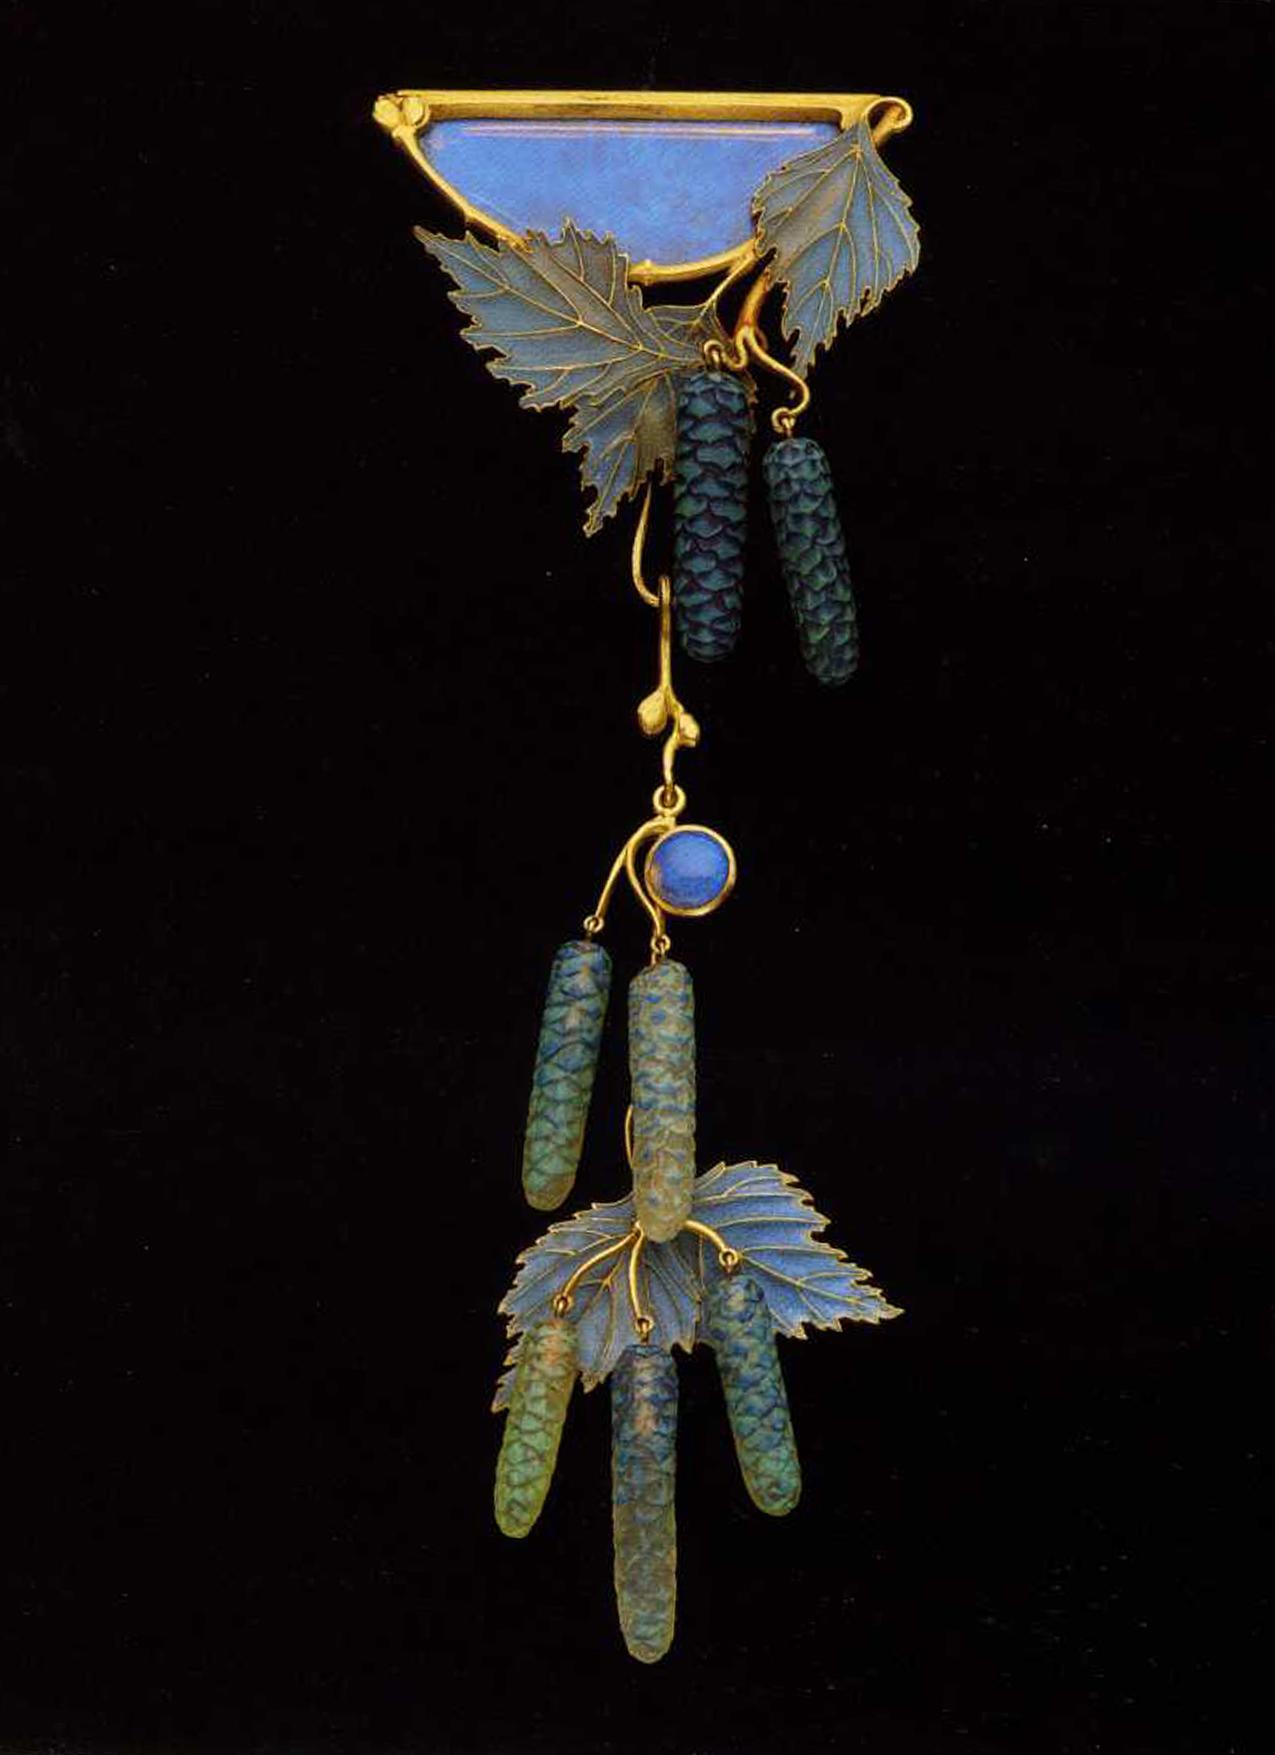 lalique ornament